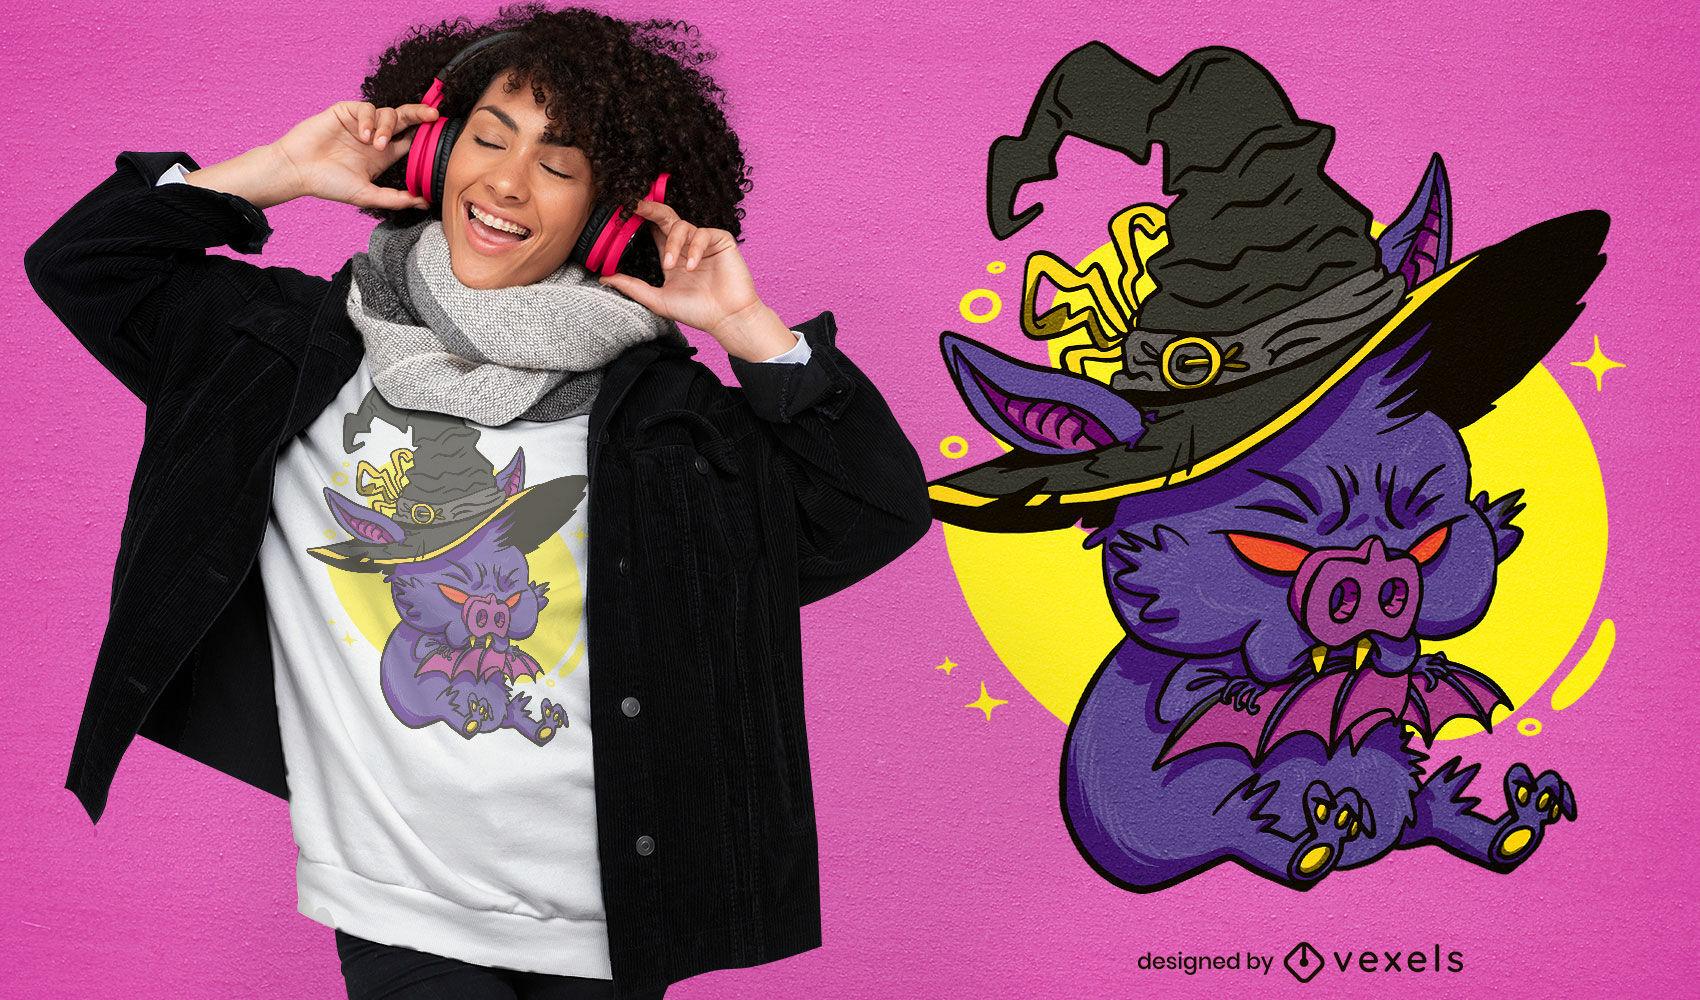 Spooky witch bat cartoon t-shirt design